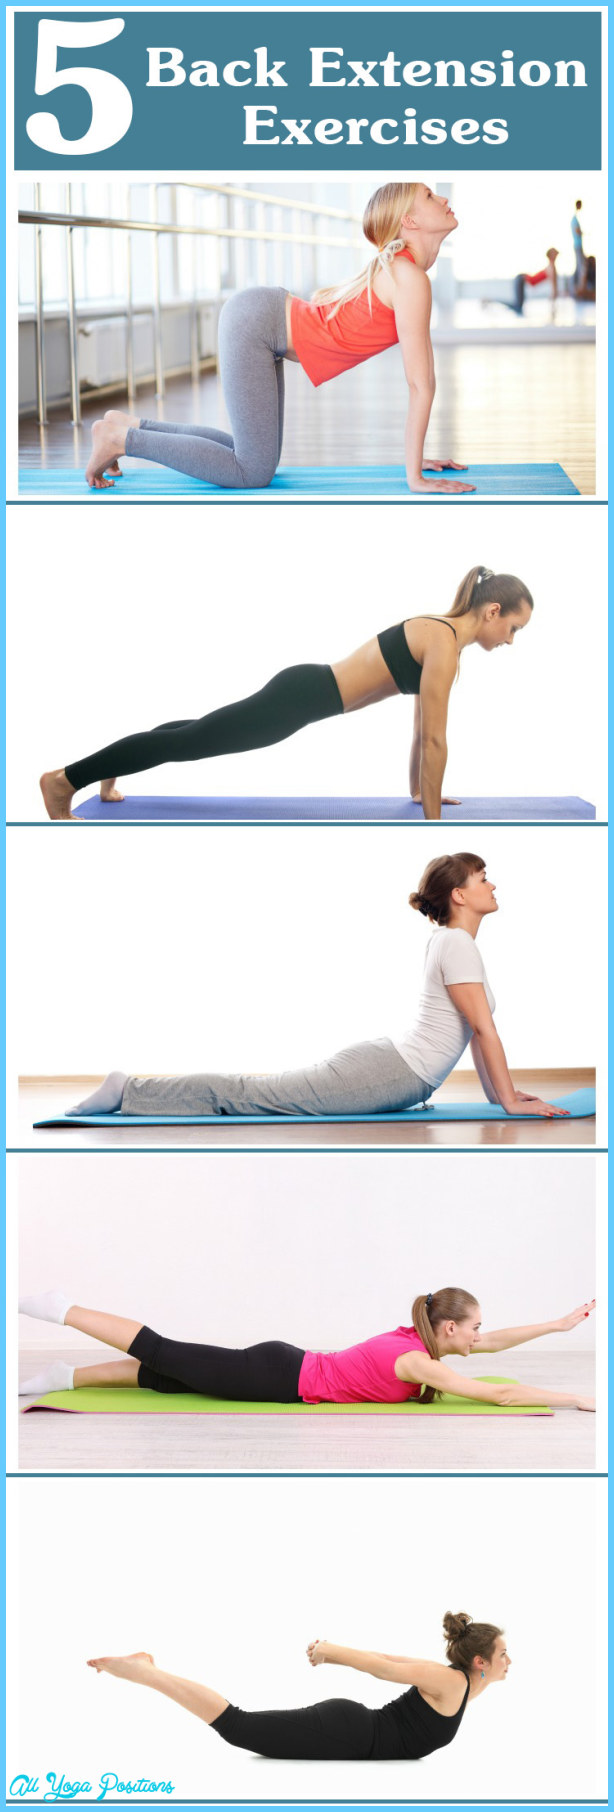 Best-Back-Extension-Exercises.jpg